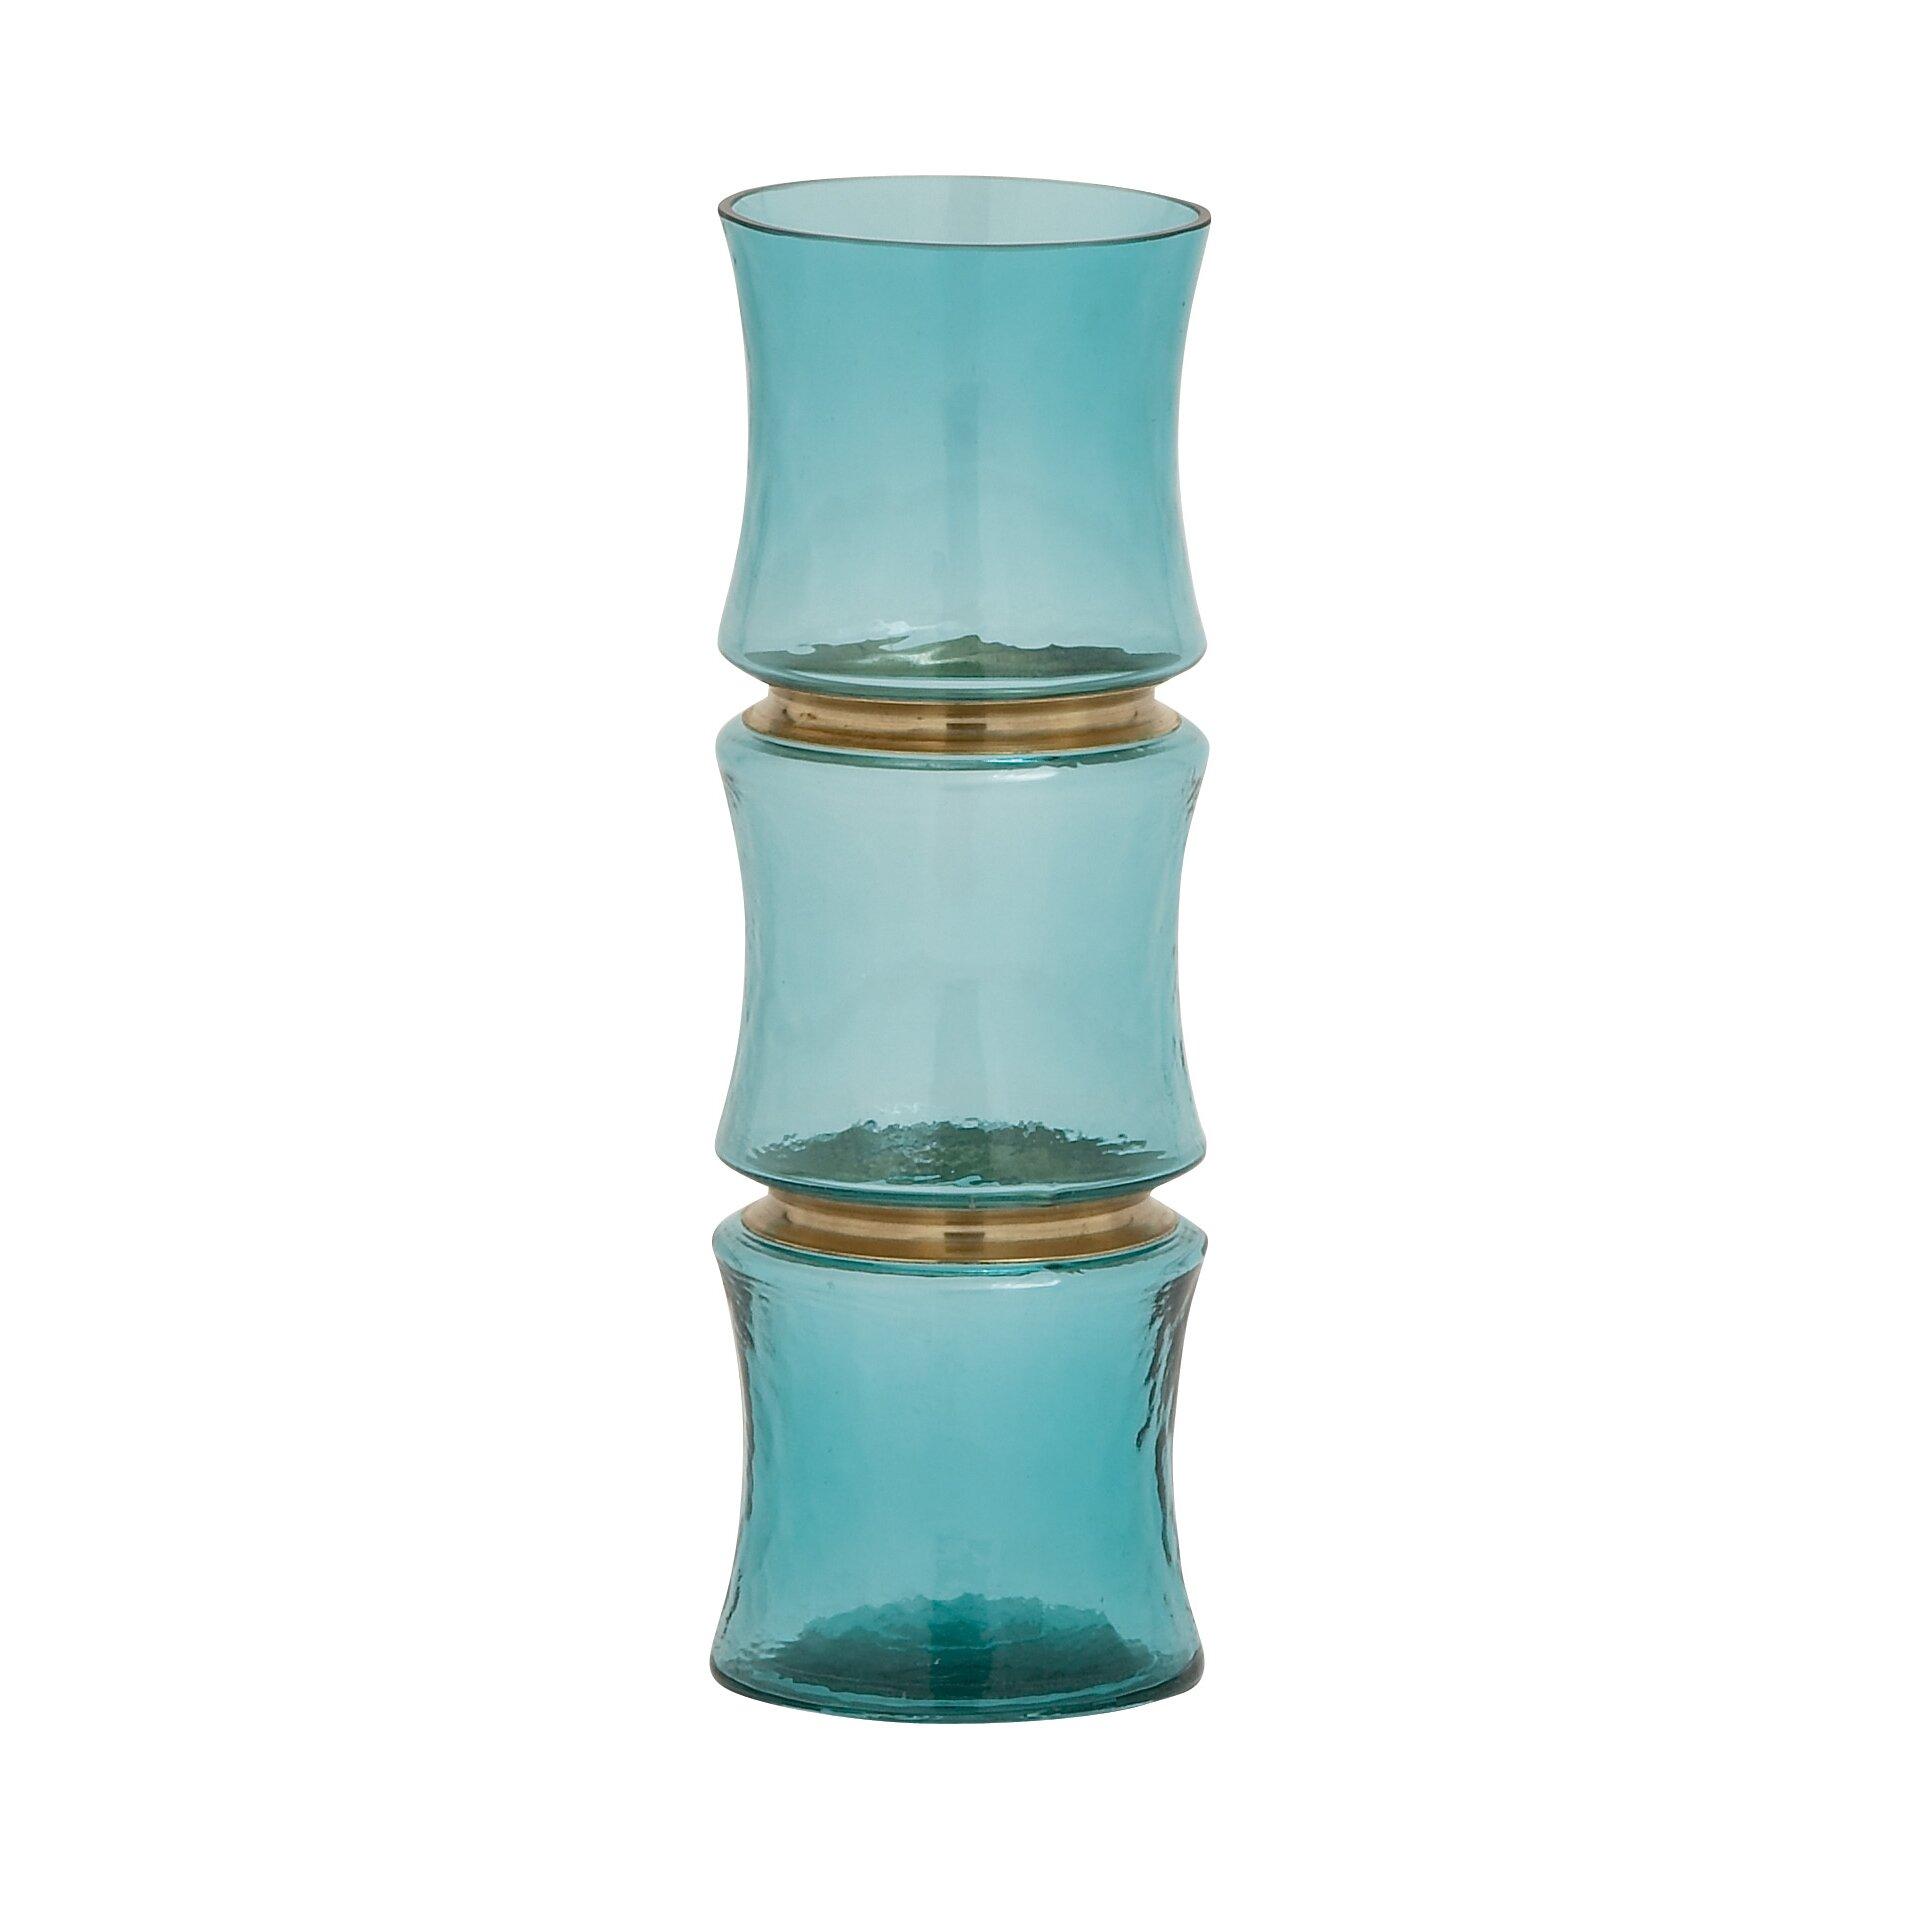 woodland imports unique glass vase reviews wayfair